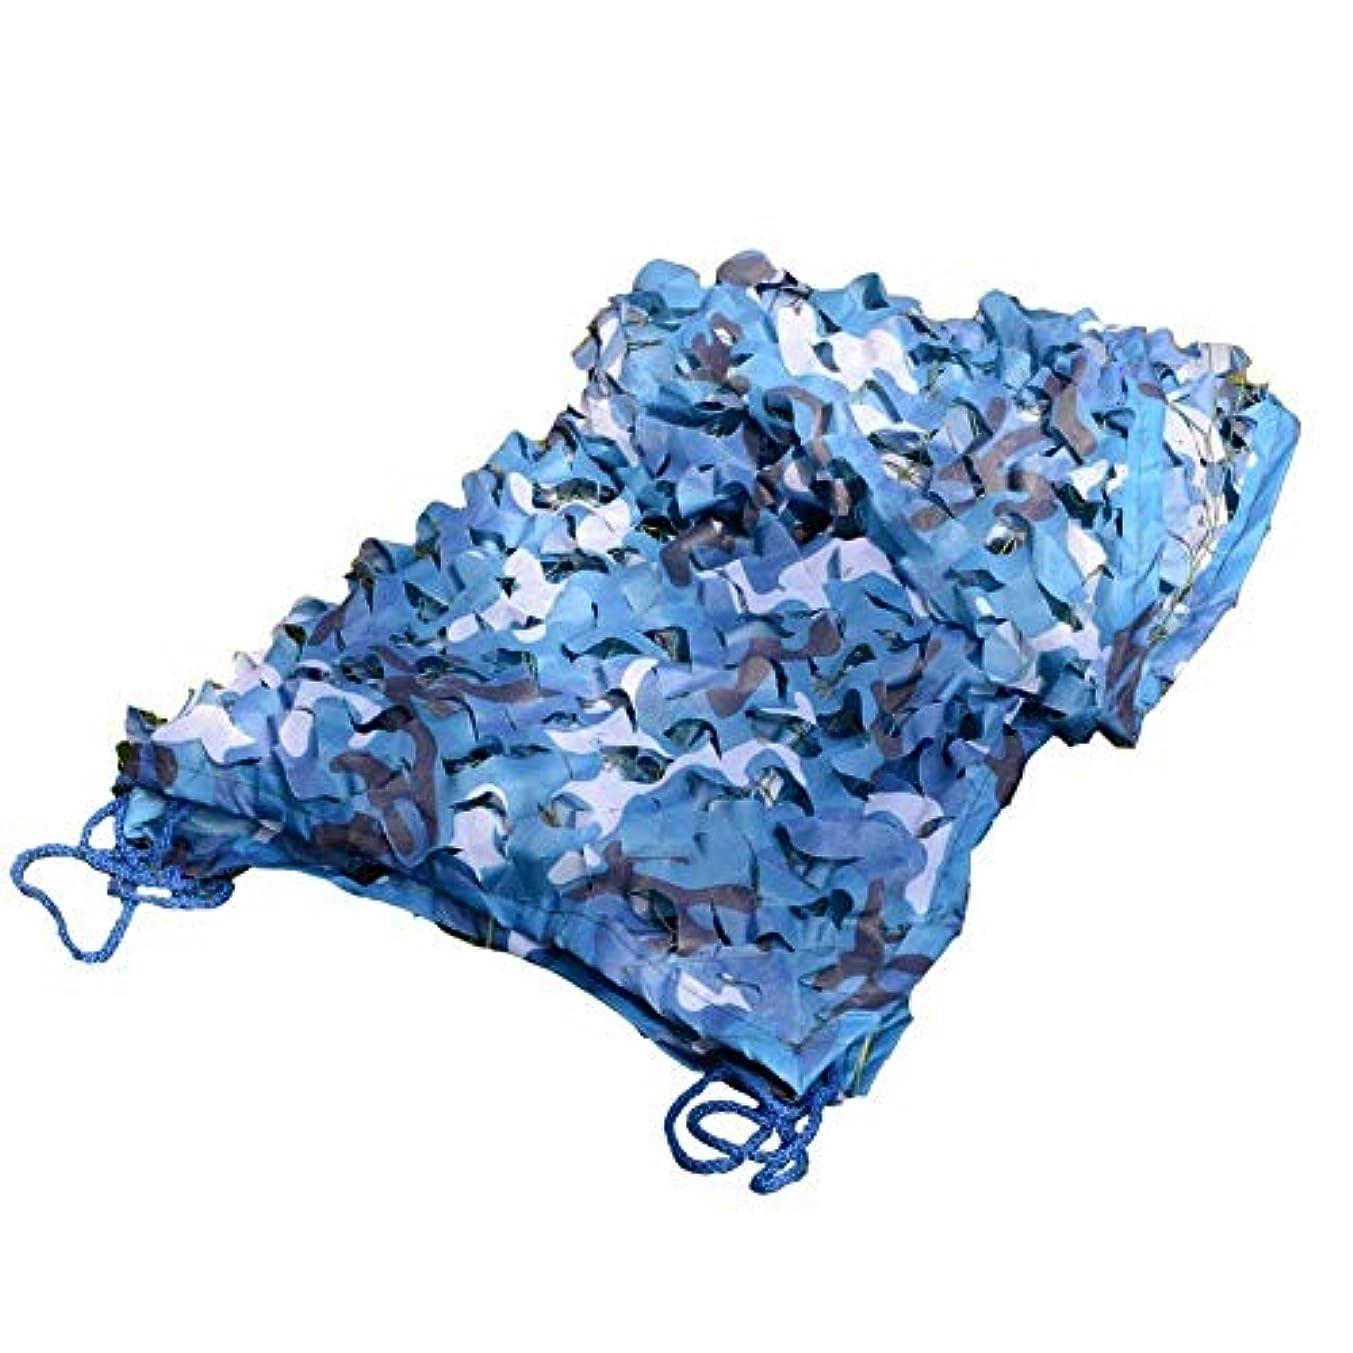 小切手半球印象派迷彩ネット、日よけのテント、迷彩ネット、隠す、寝室、釣り、写真、ガーデンパーゴラ、屋根、青 ZHAOFENGMING (色 : 青, サイズ さいず : 2x8m)